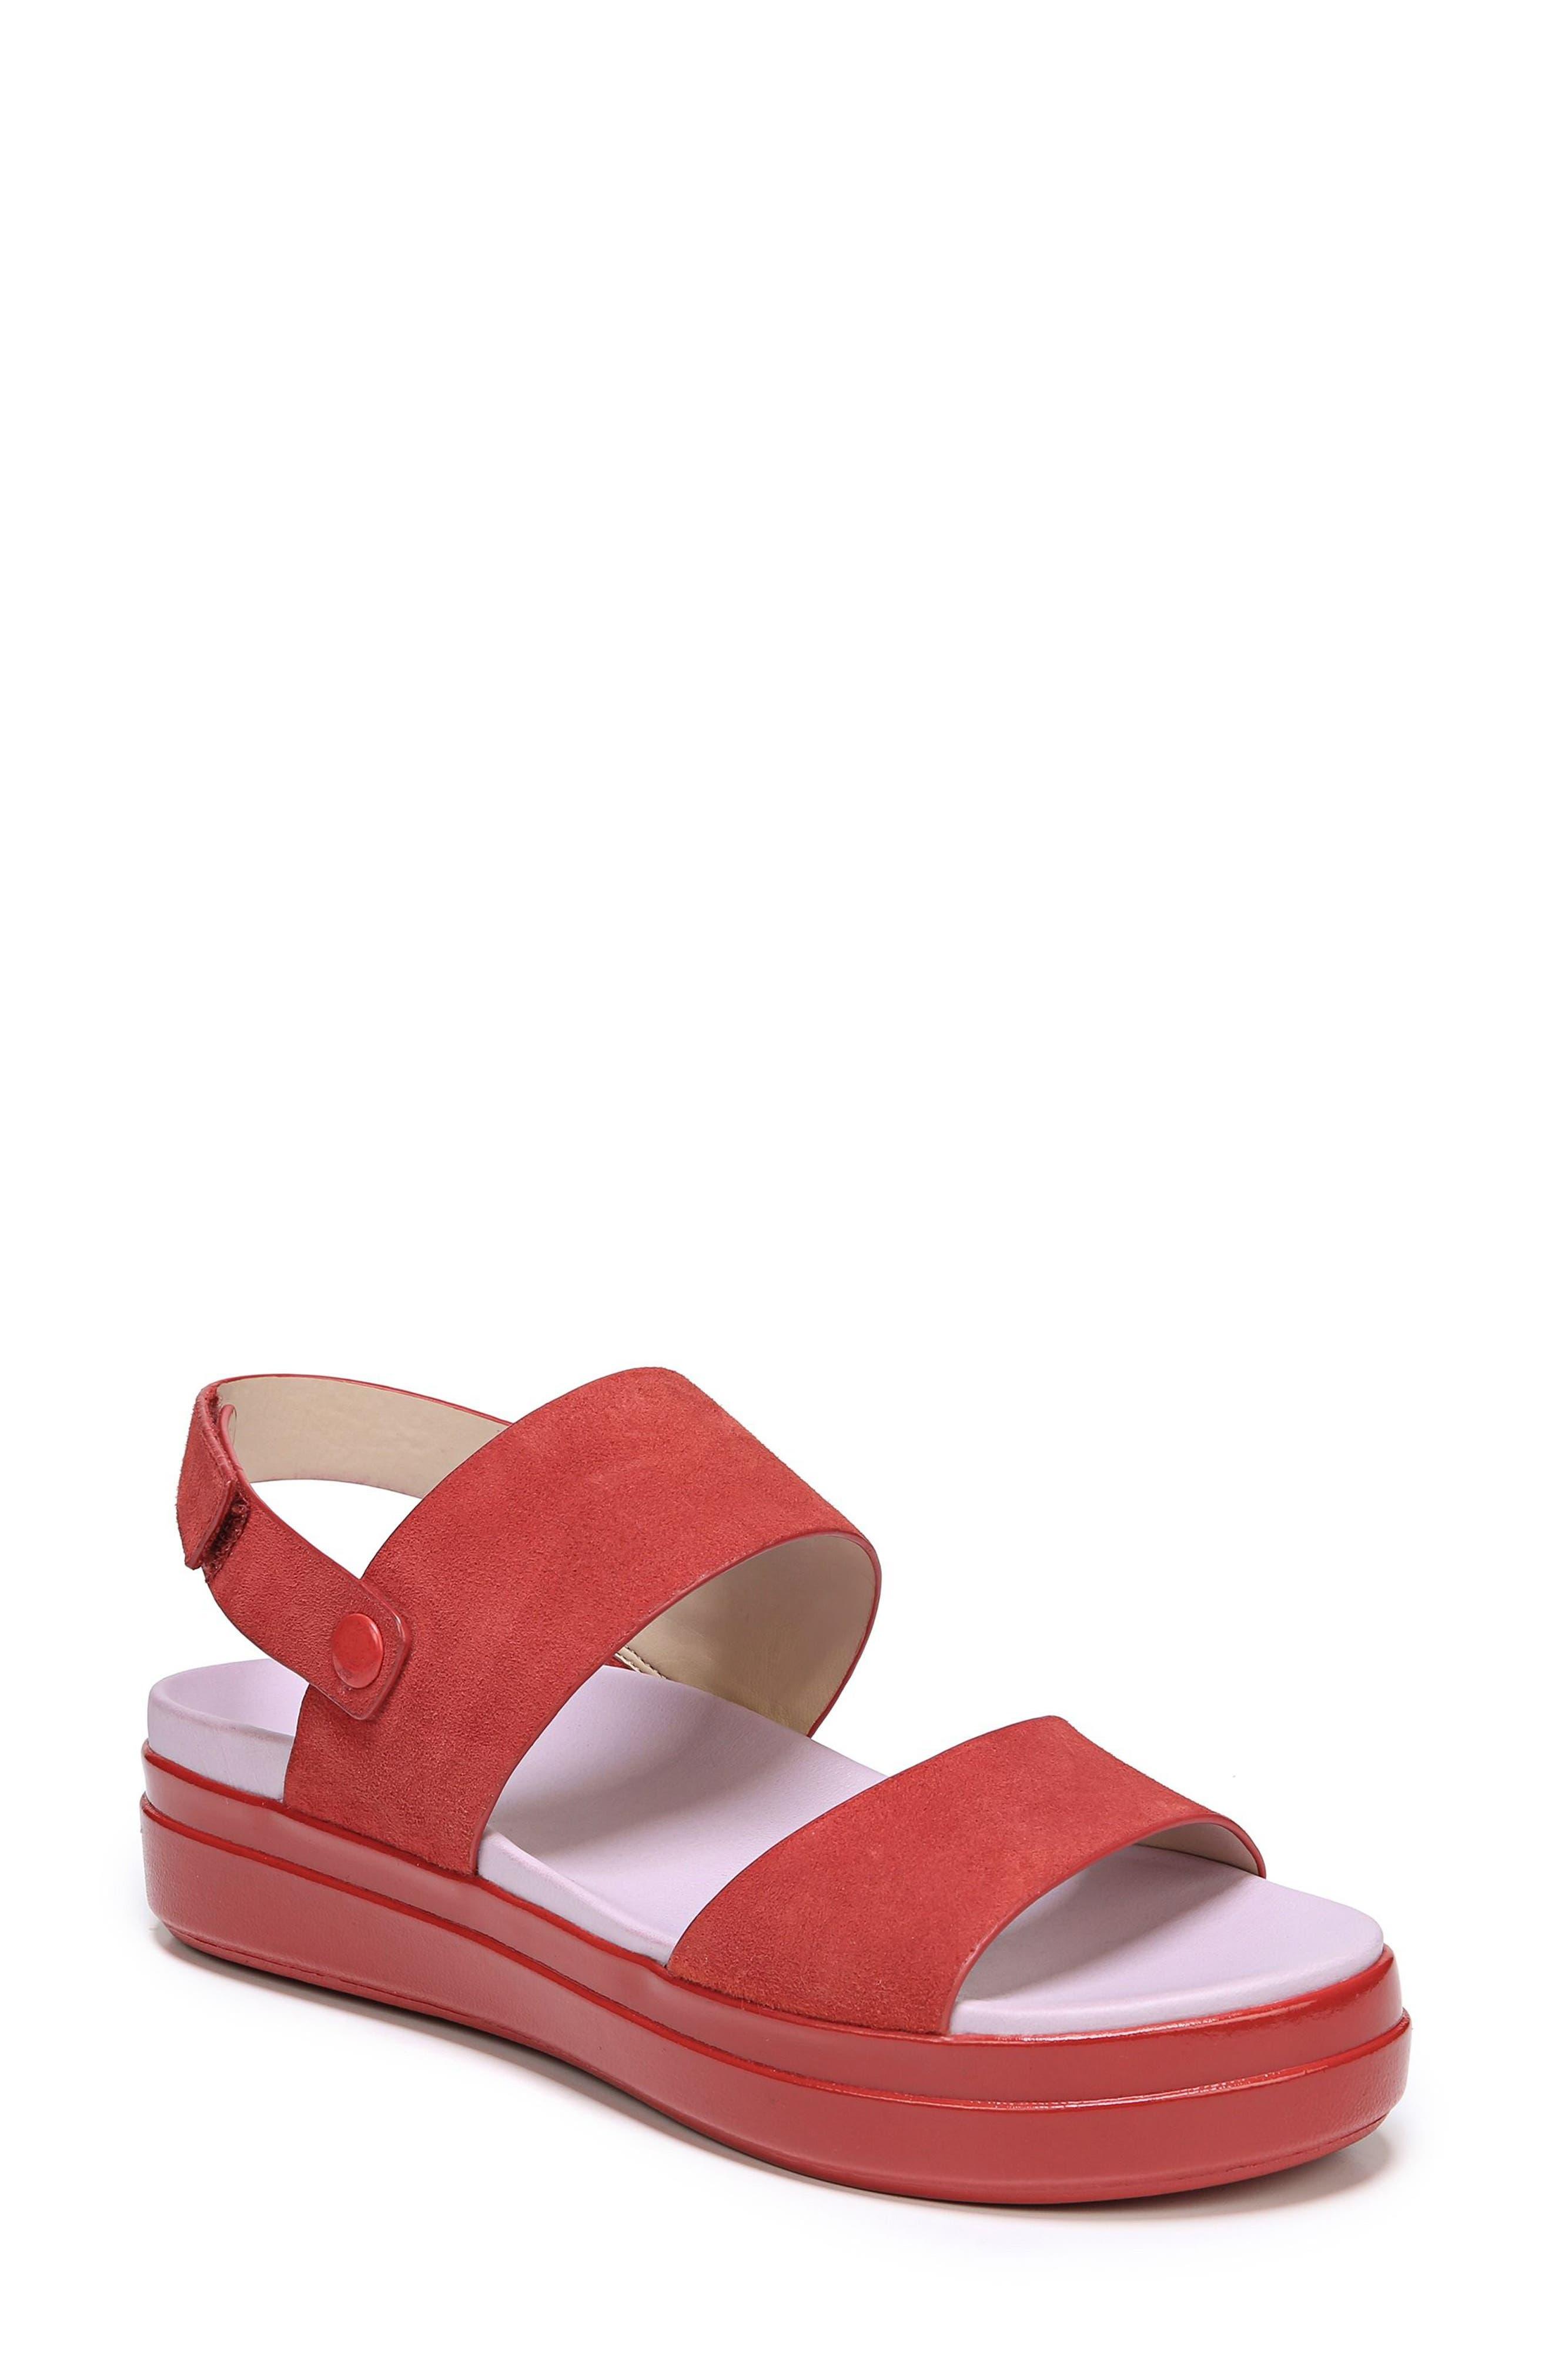 Scout Platform Sandal,                             Main thumbnail 1, color,                             Paprika Suede